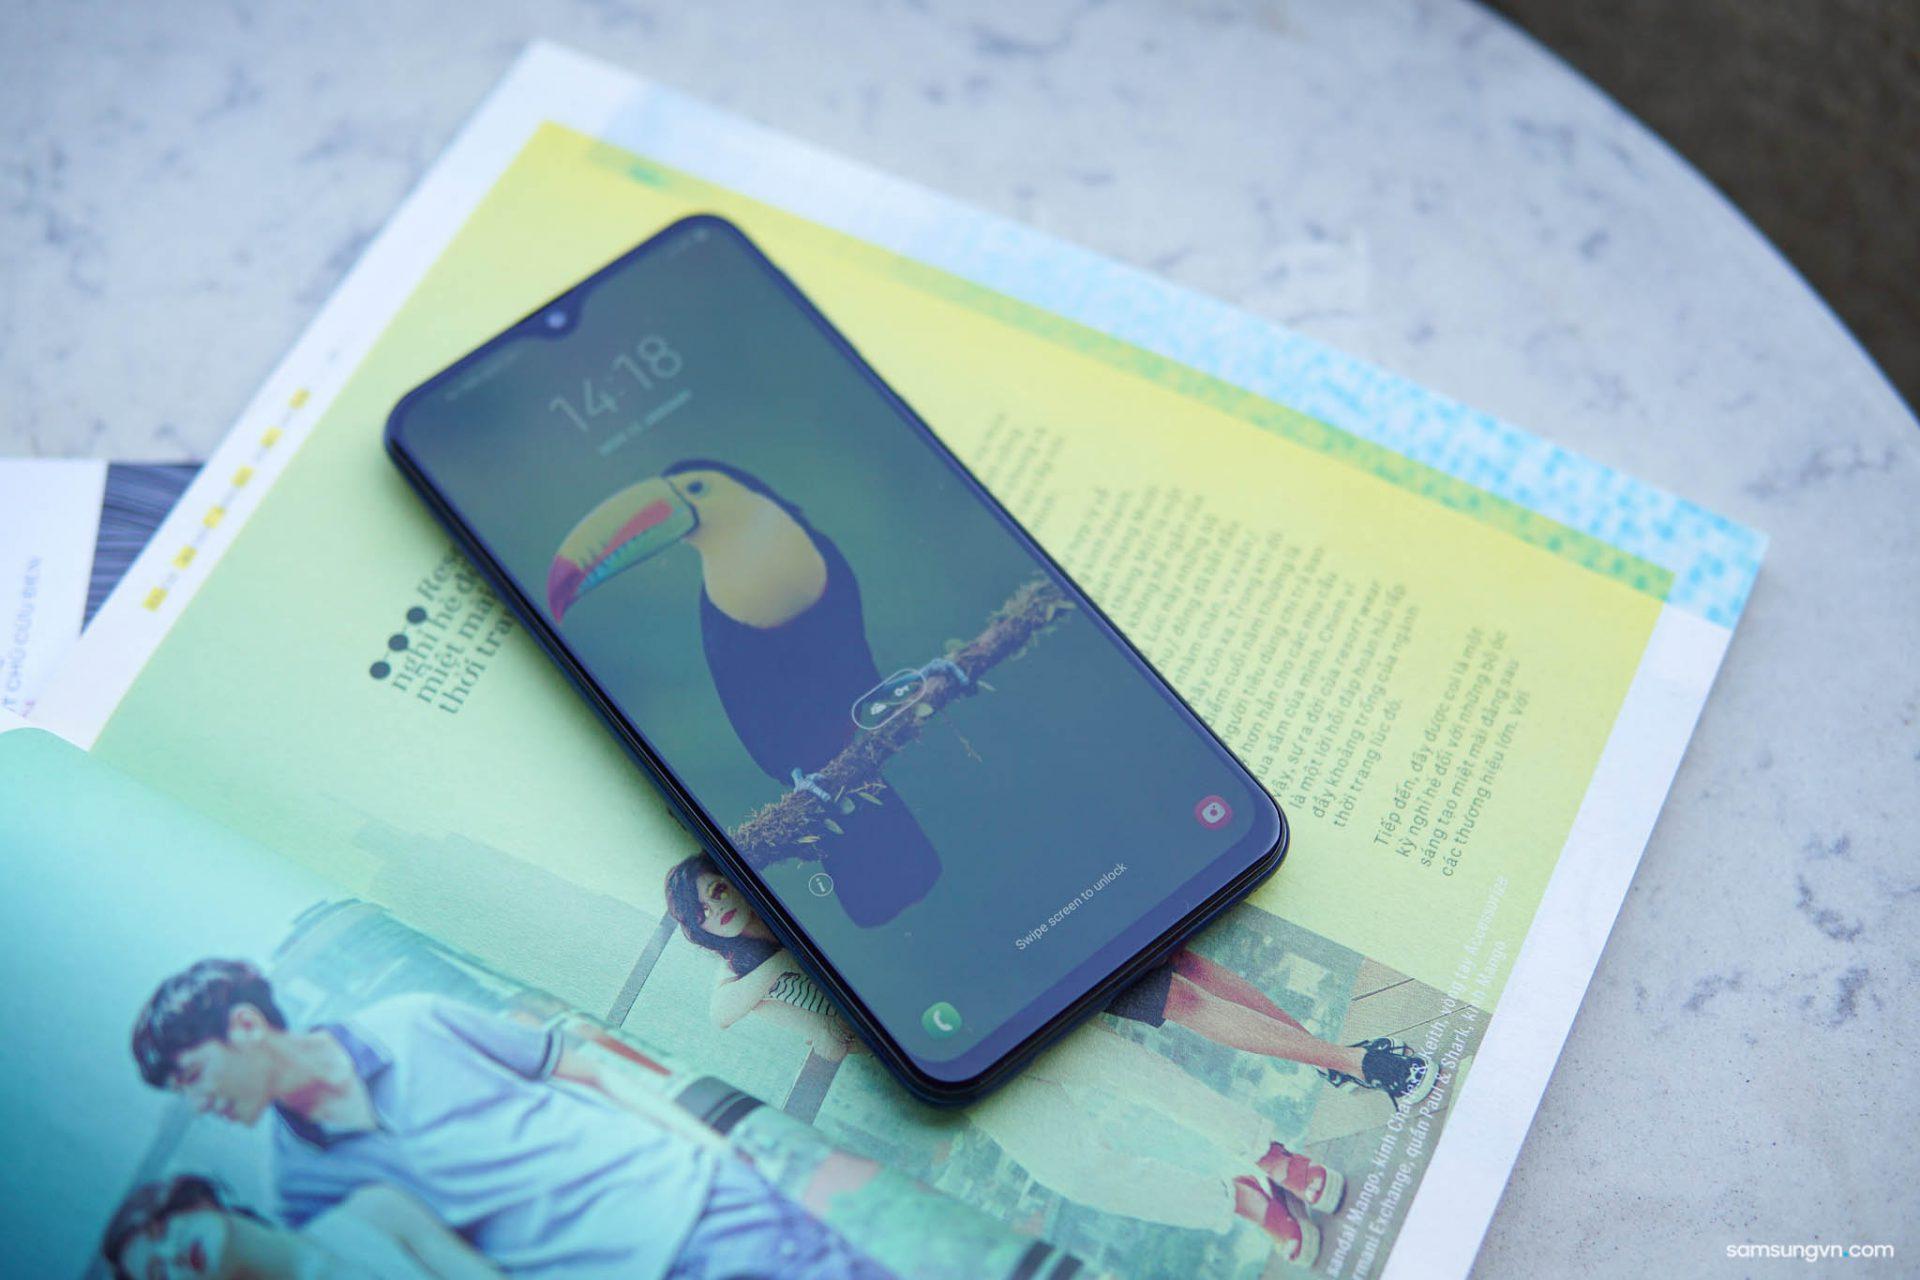 Đánh giá Thời lượng sử dụng Pin Galaxy M20: Giải trí bất tận với 25 giờ xem phim, nghe nhạc cùng Galaxy M20